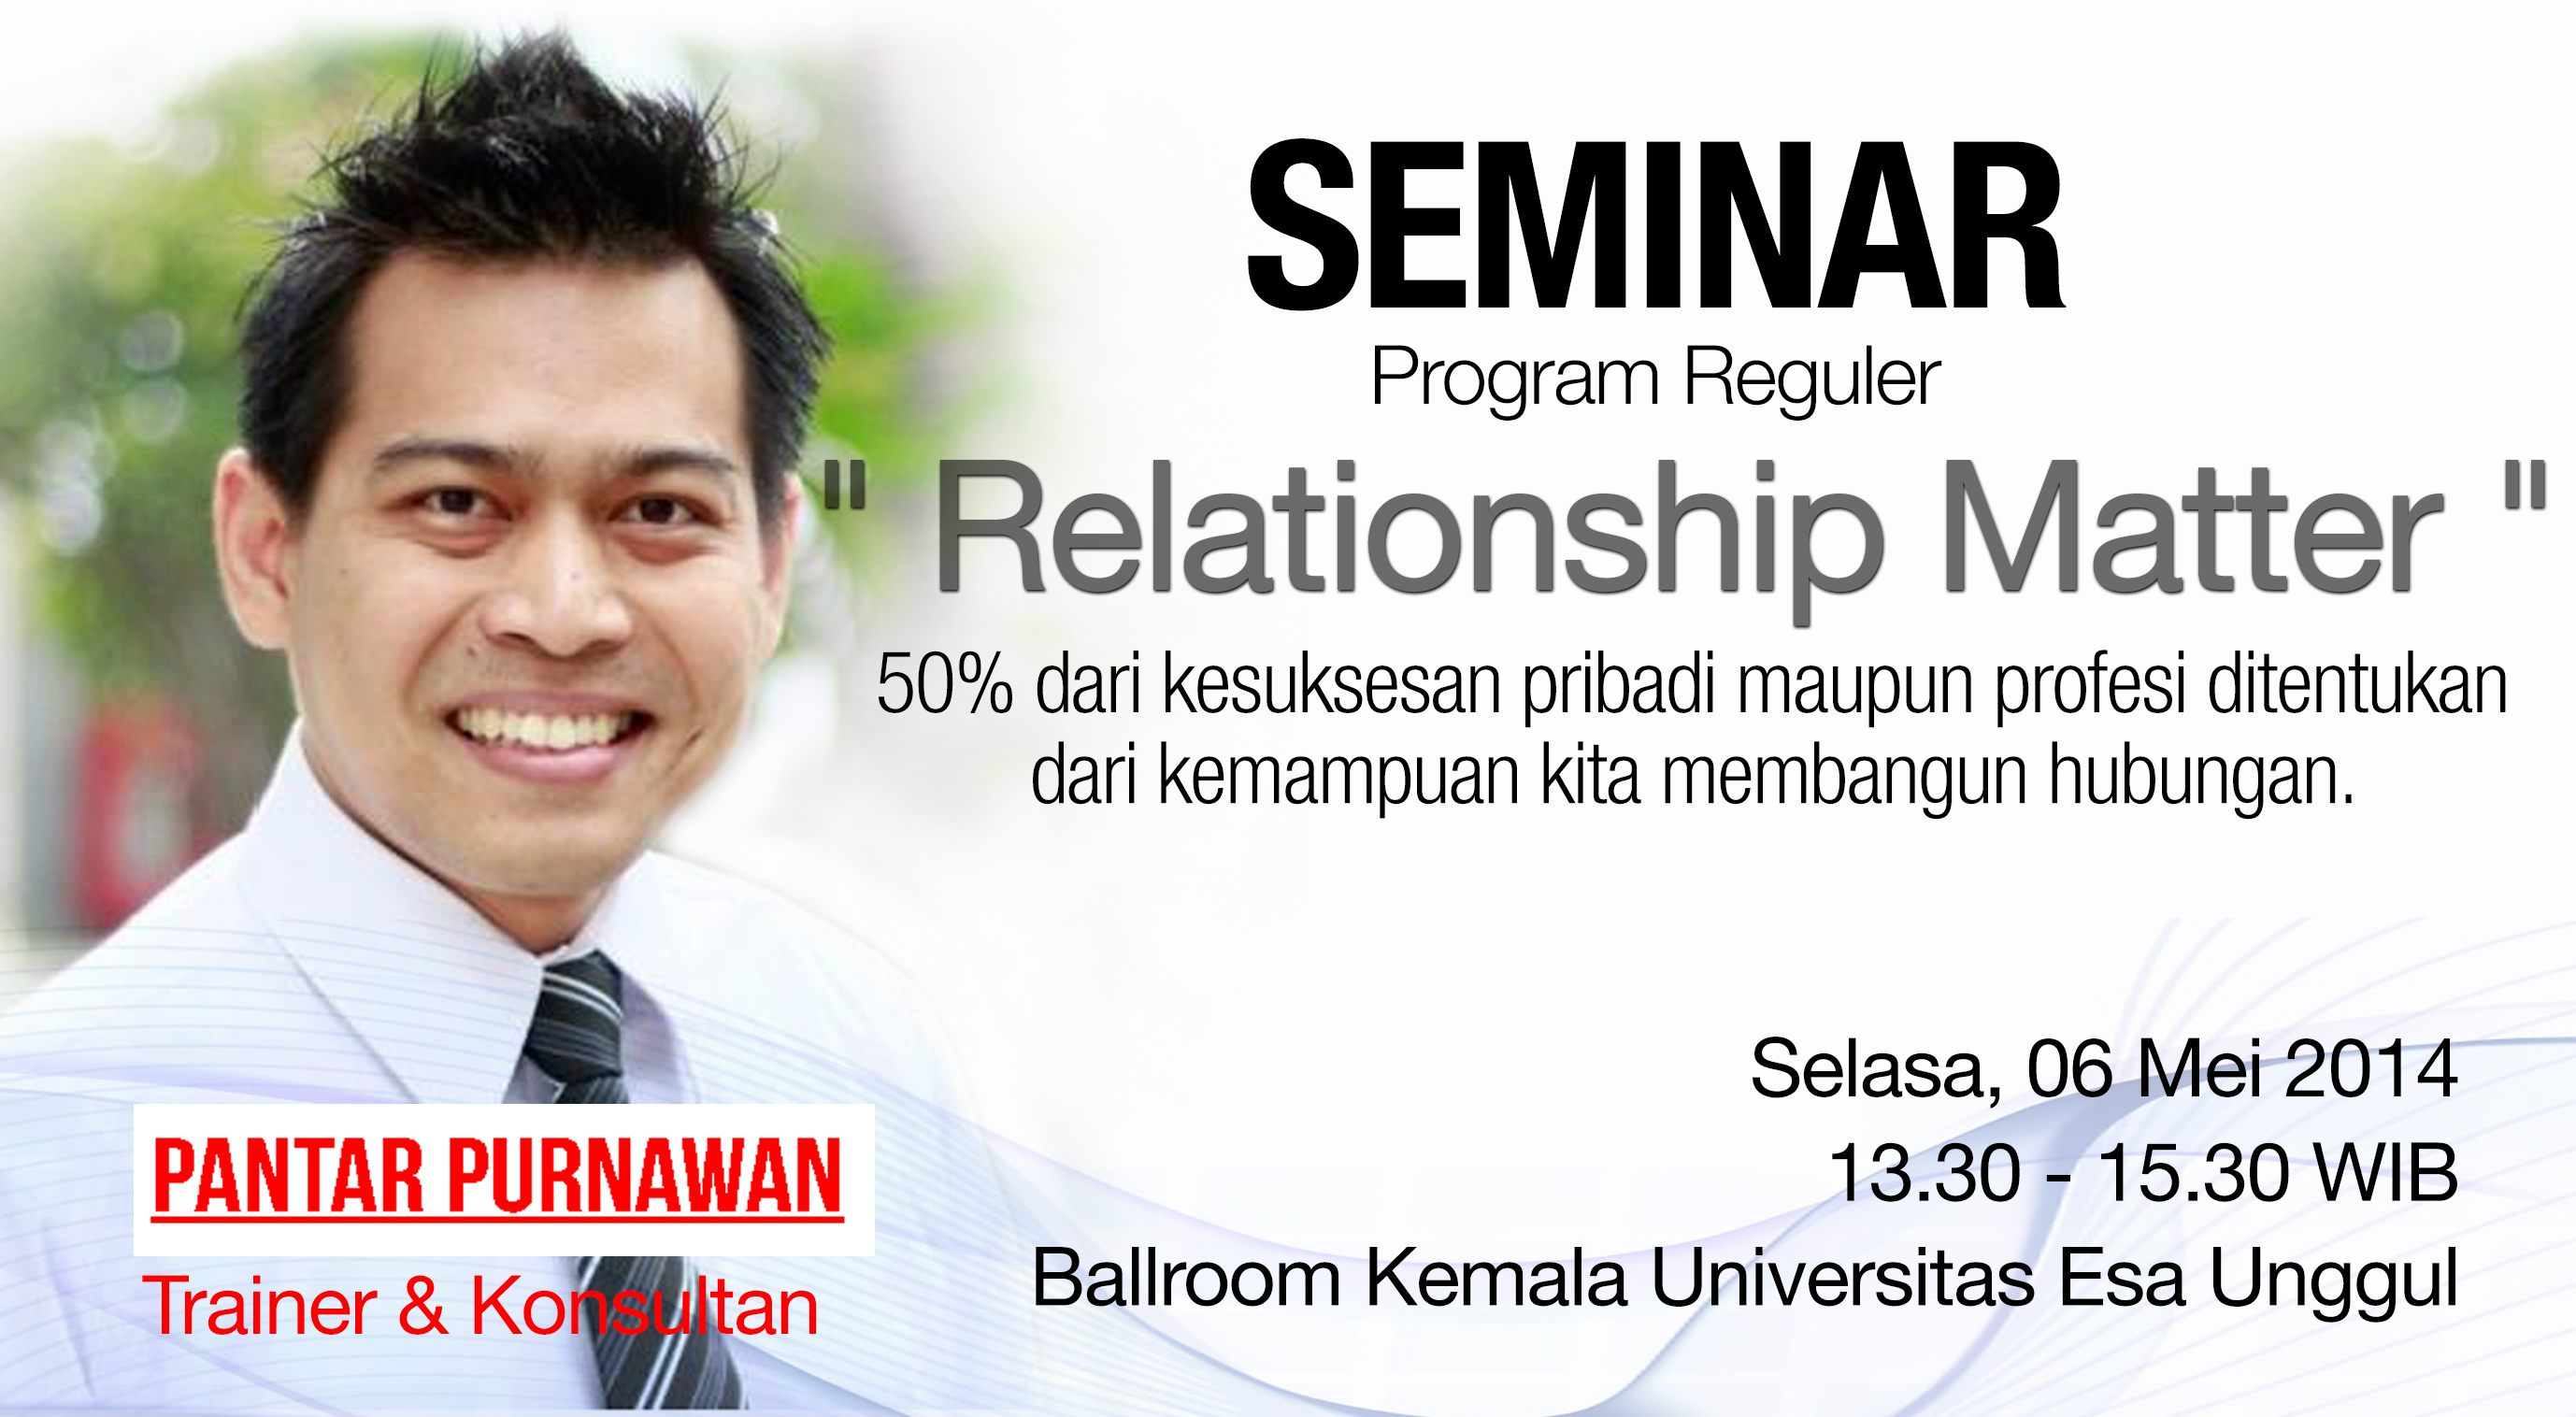 Seminar Relationship Matter: Kemampuan Membangun Hubungan Untuk Kesuksesan